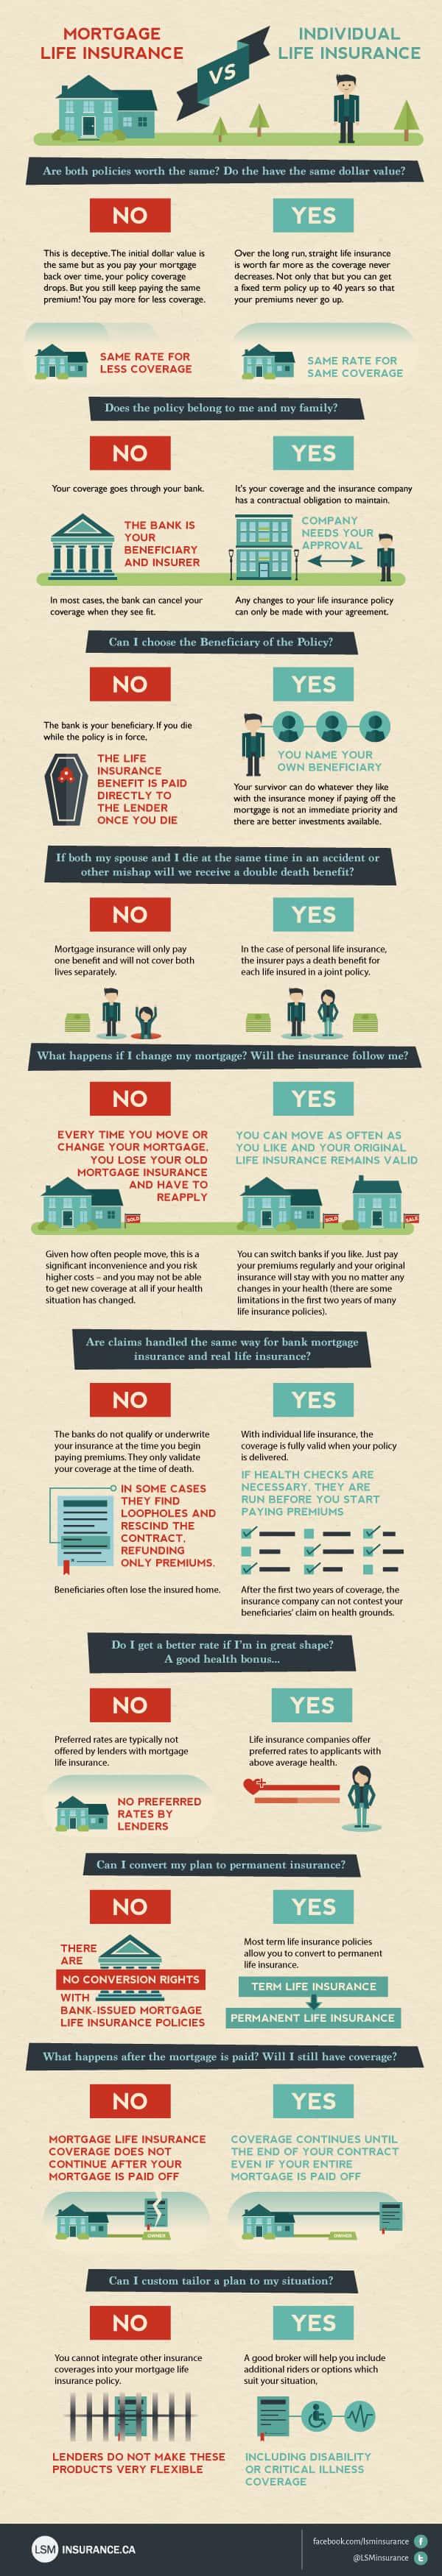 Mortgage Life Insurance vs Life Insurance